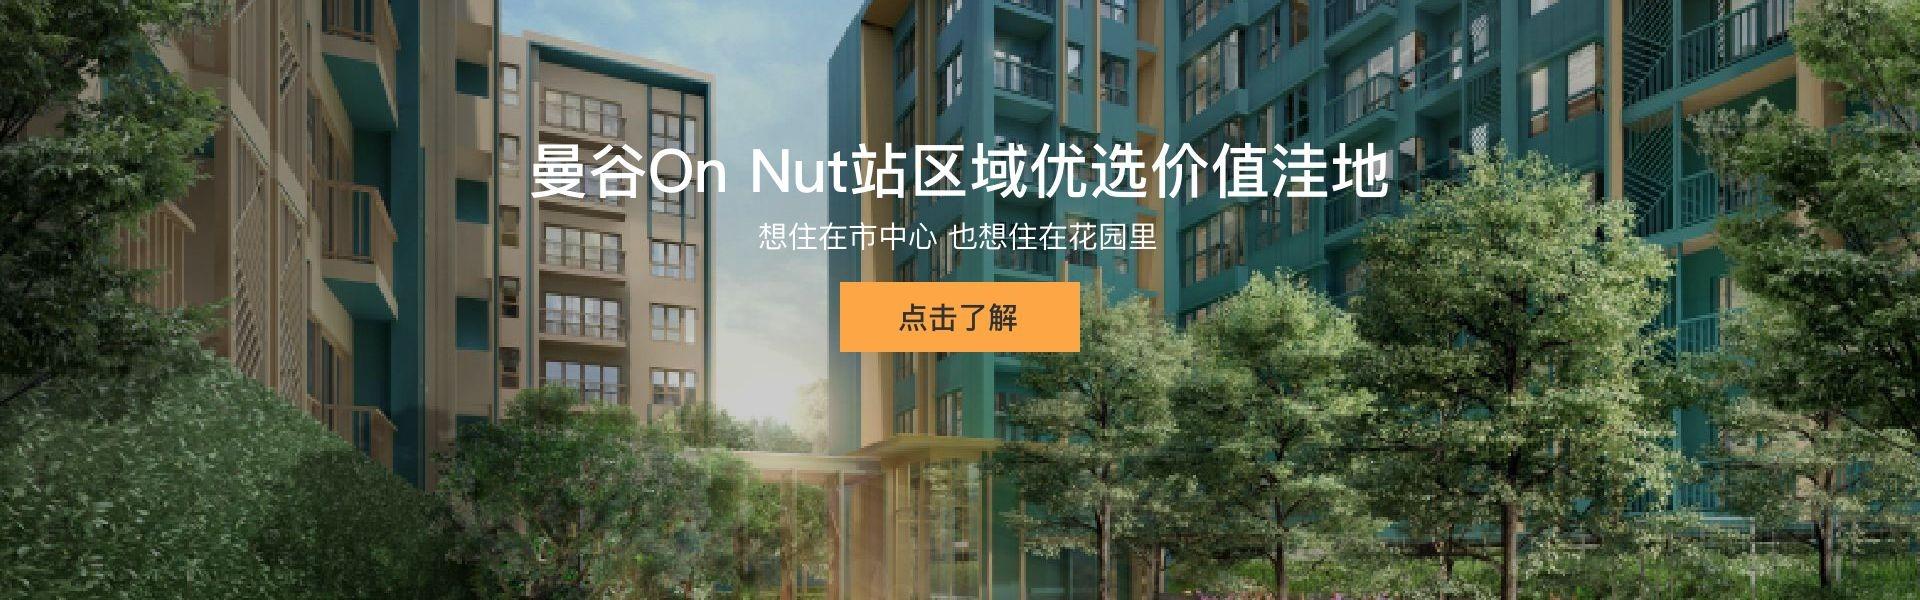 曼谷素坤逸轻轨沿线Base Sukhumvit 50精装公寓